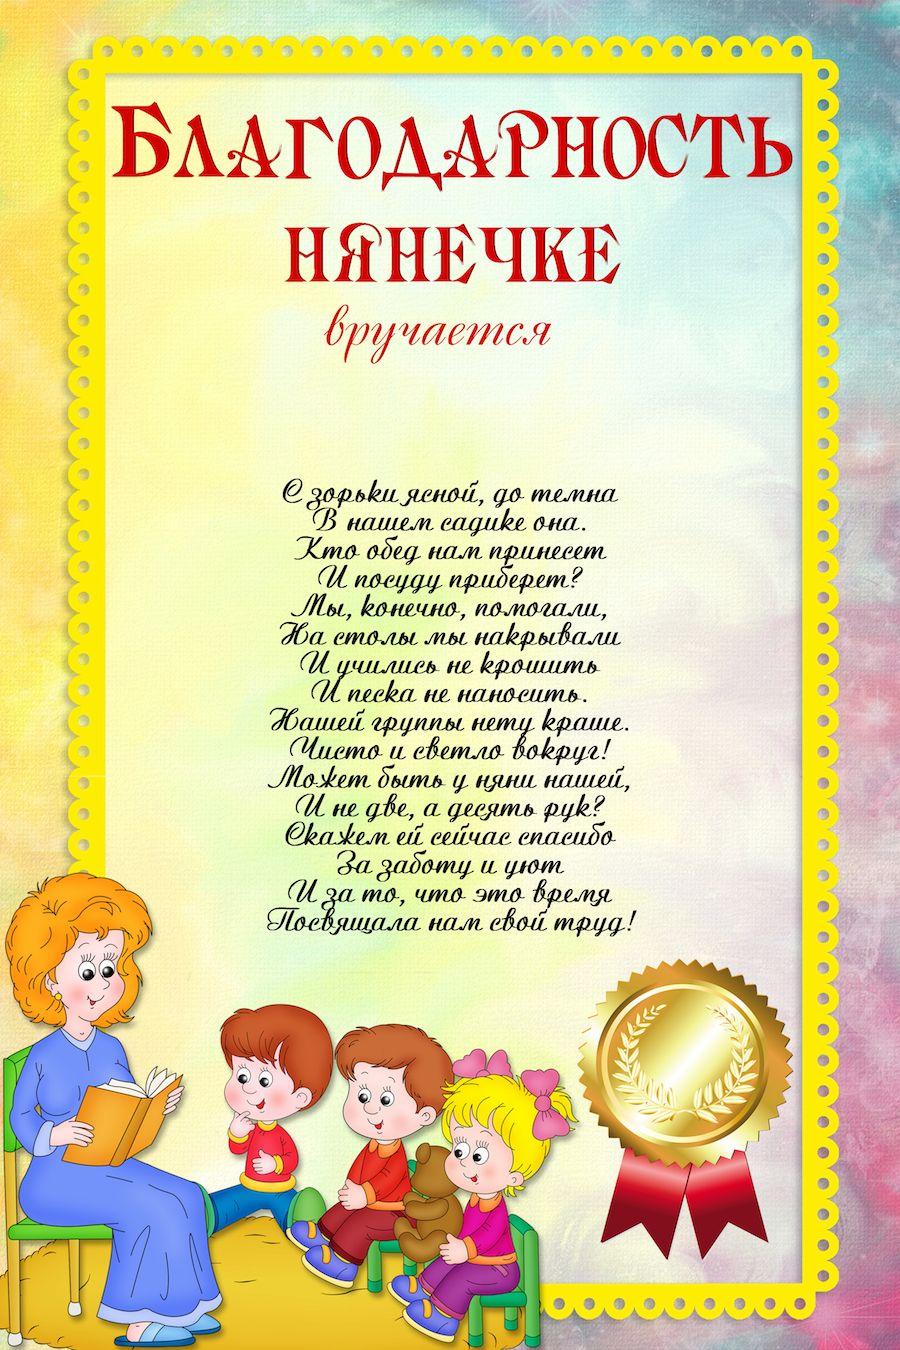 Шуточное поздравление детский сад